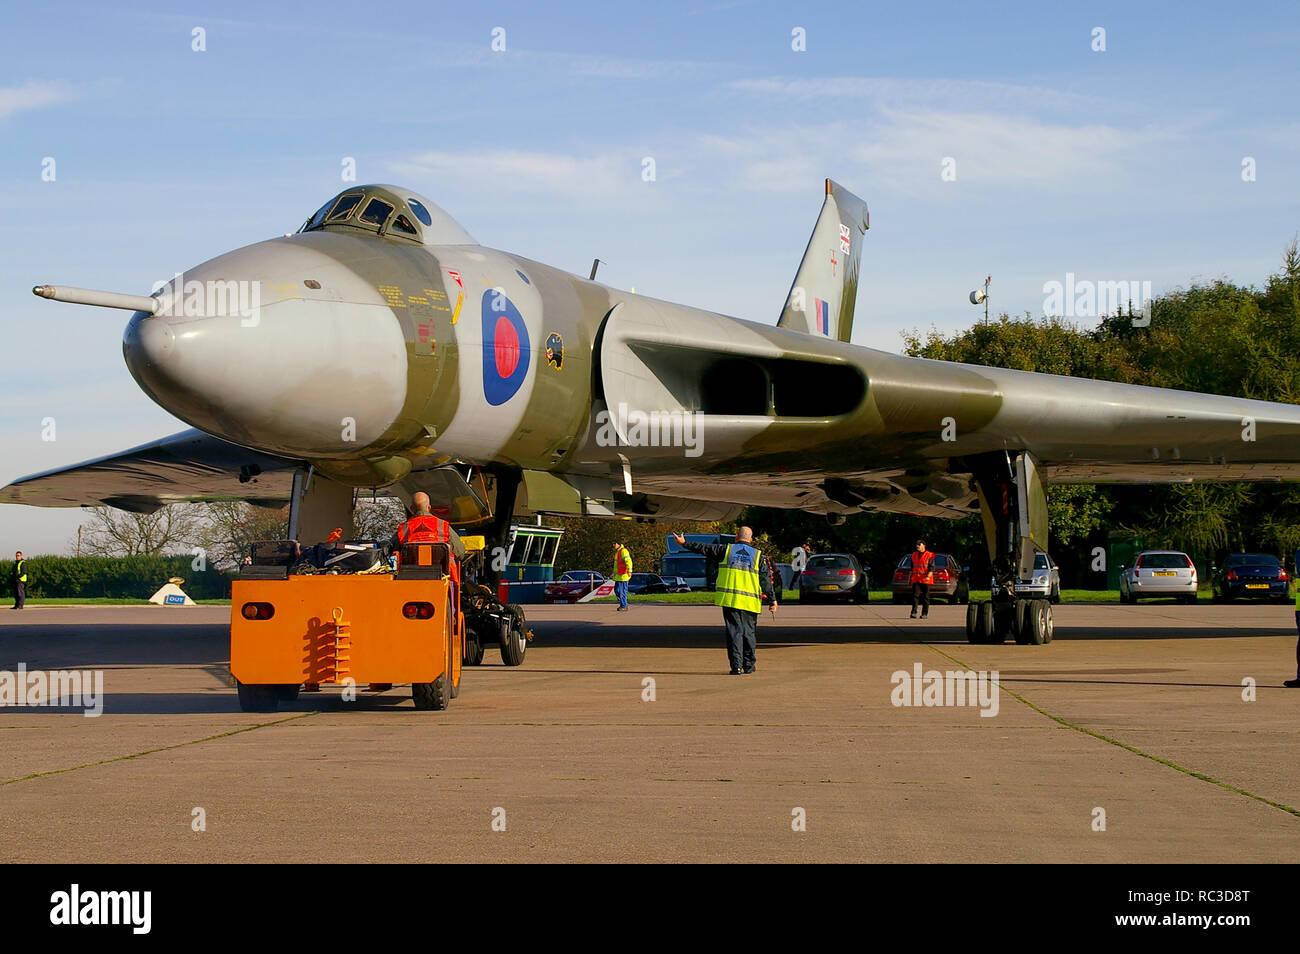 Avro Vulcan B2 XH558 bomber jet avion, ex RAF, restauré pour vol par le ciel à Vulcan Vulcan, Société d'exploitation. Le poussait à l'extérieur pour son premier vol Banque D'Images